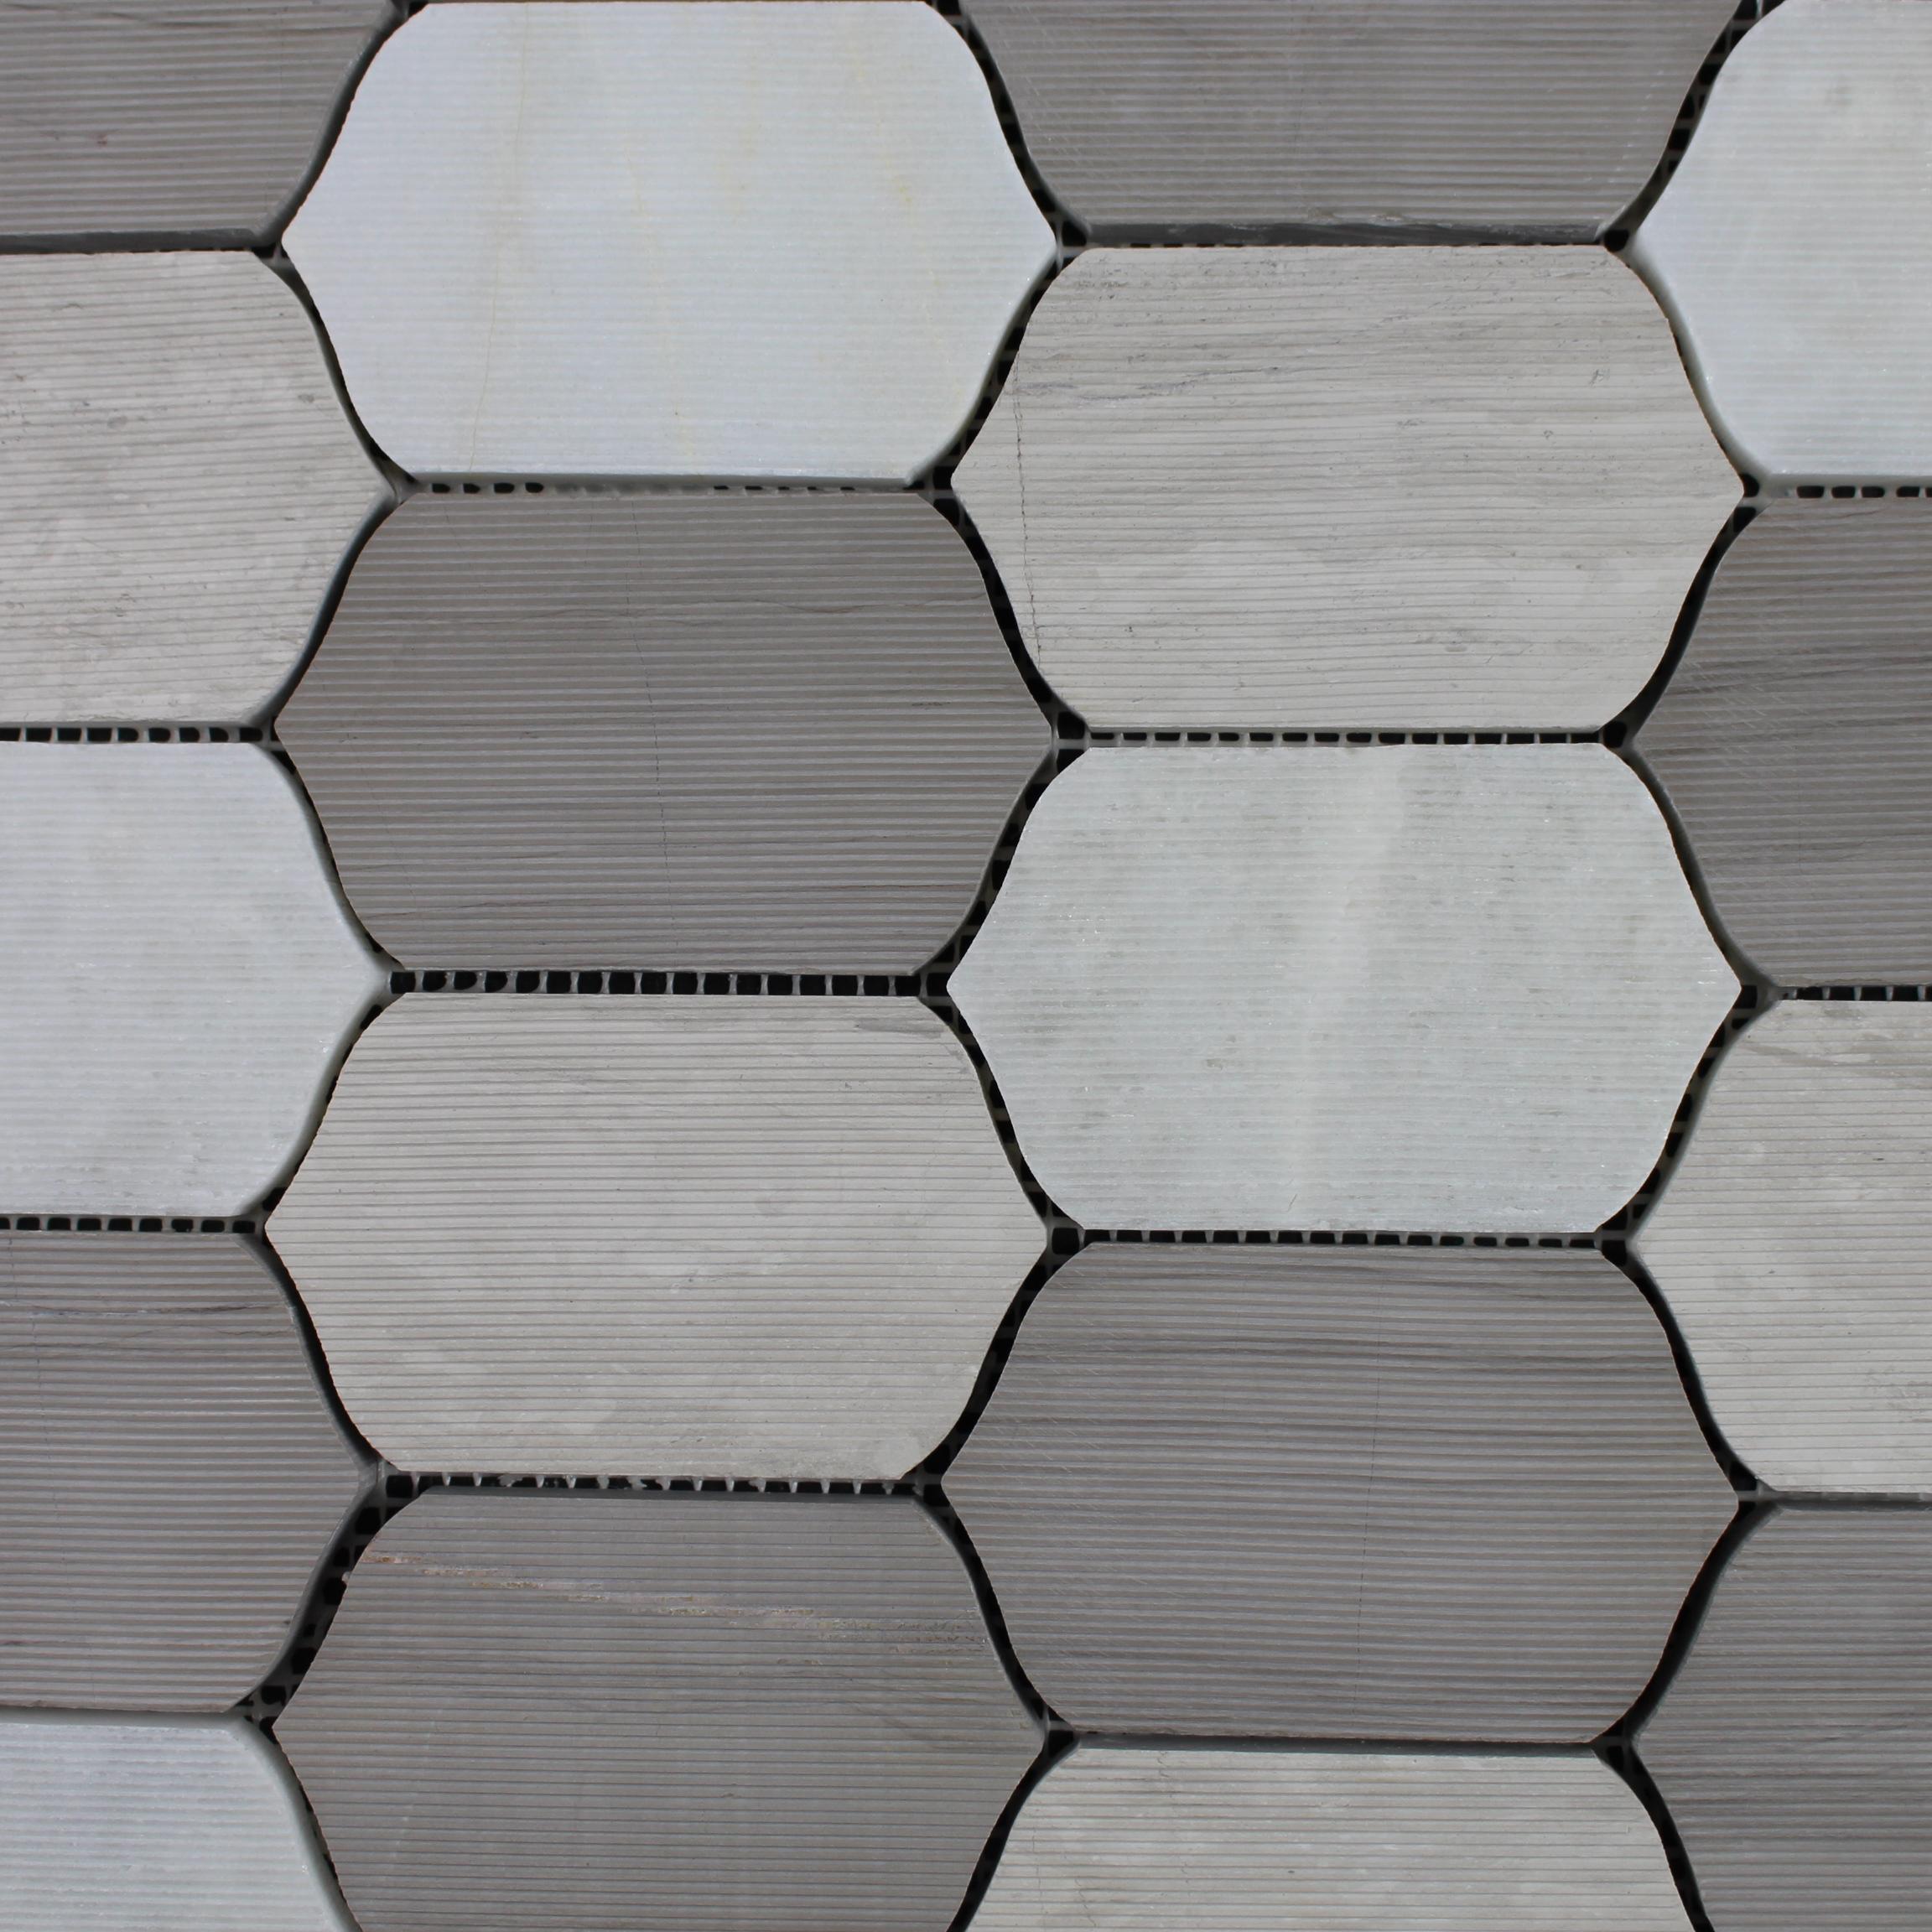 Finden Sie Hohe Qualität Wabe Mosaik Fliesen Hersteller Und Wabe Mosaik  Fliesen Auf Alibaba.com